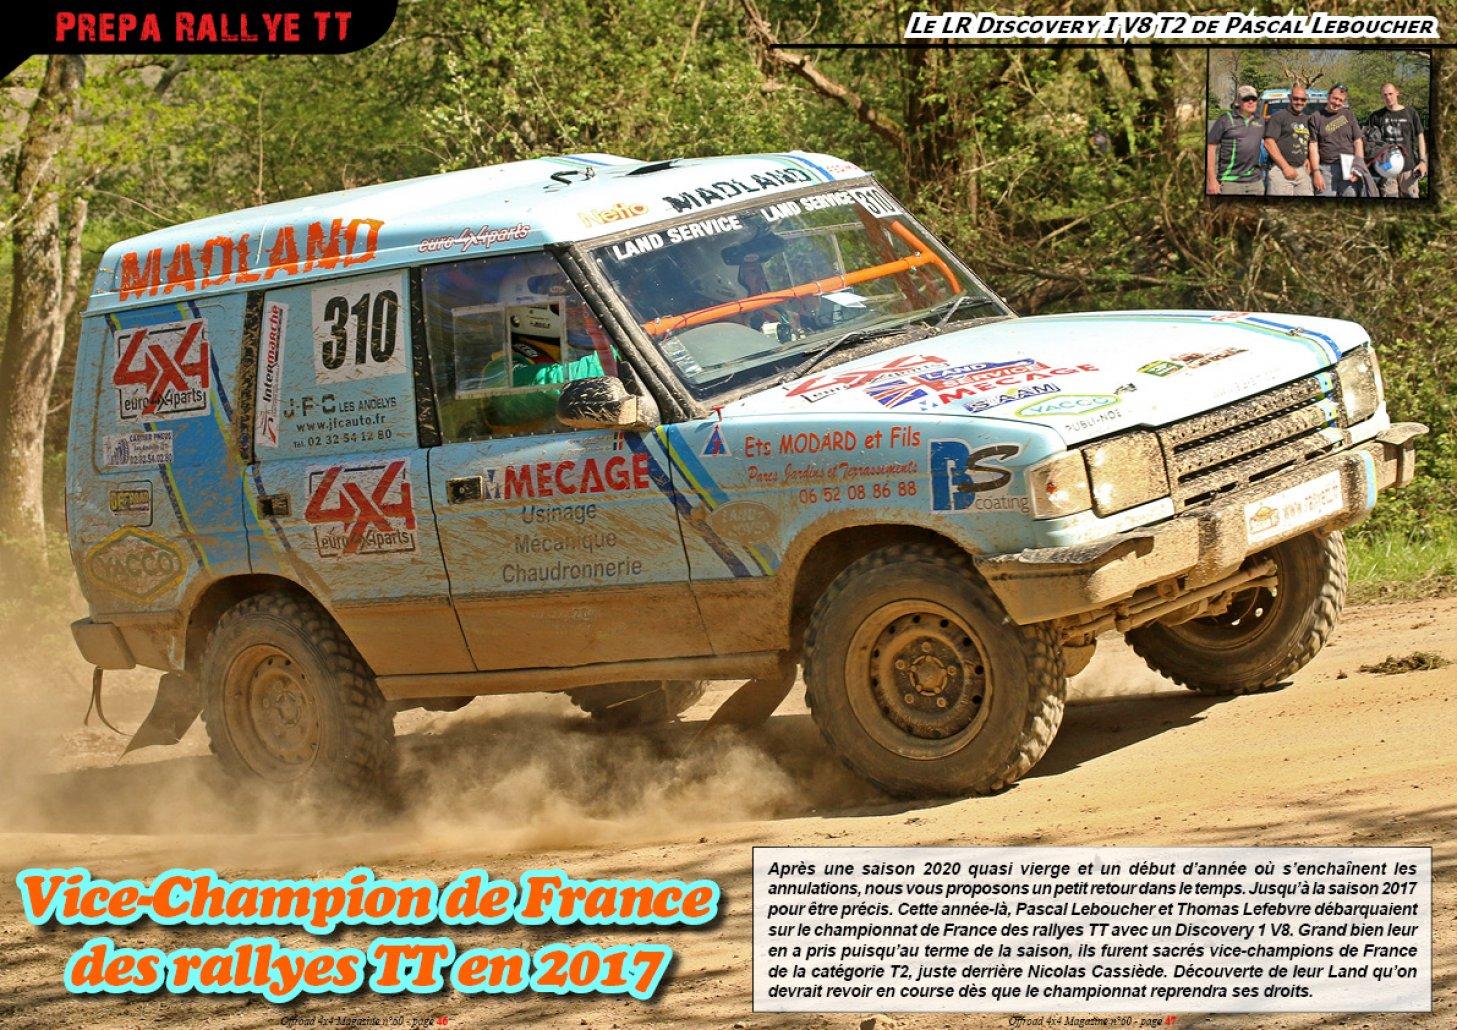 Le LR Discovery V8 T2 de Pascal Leboucher